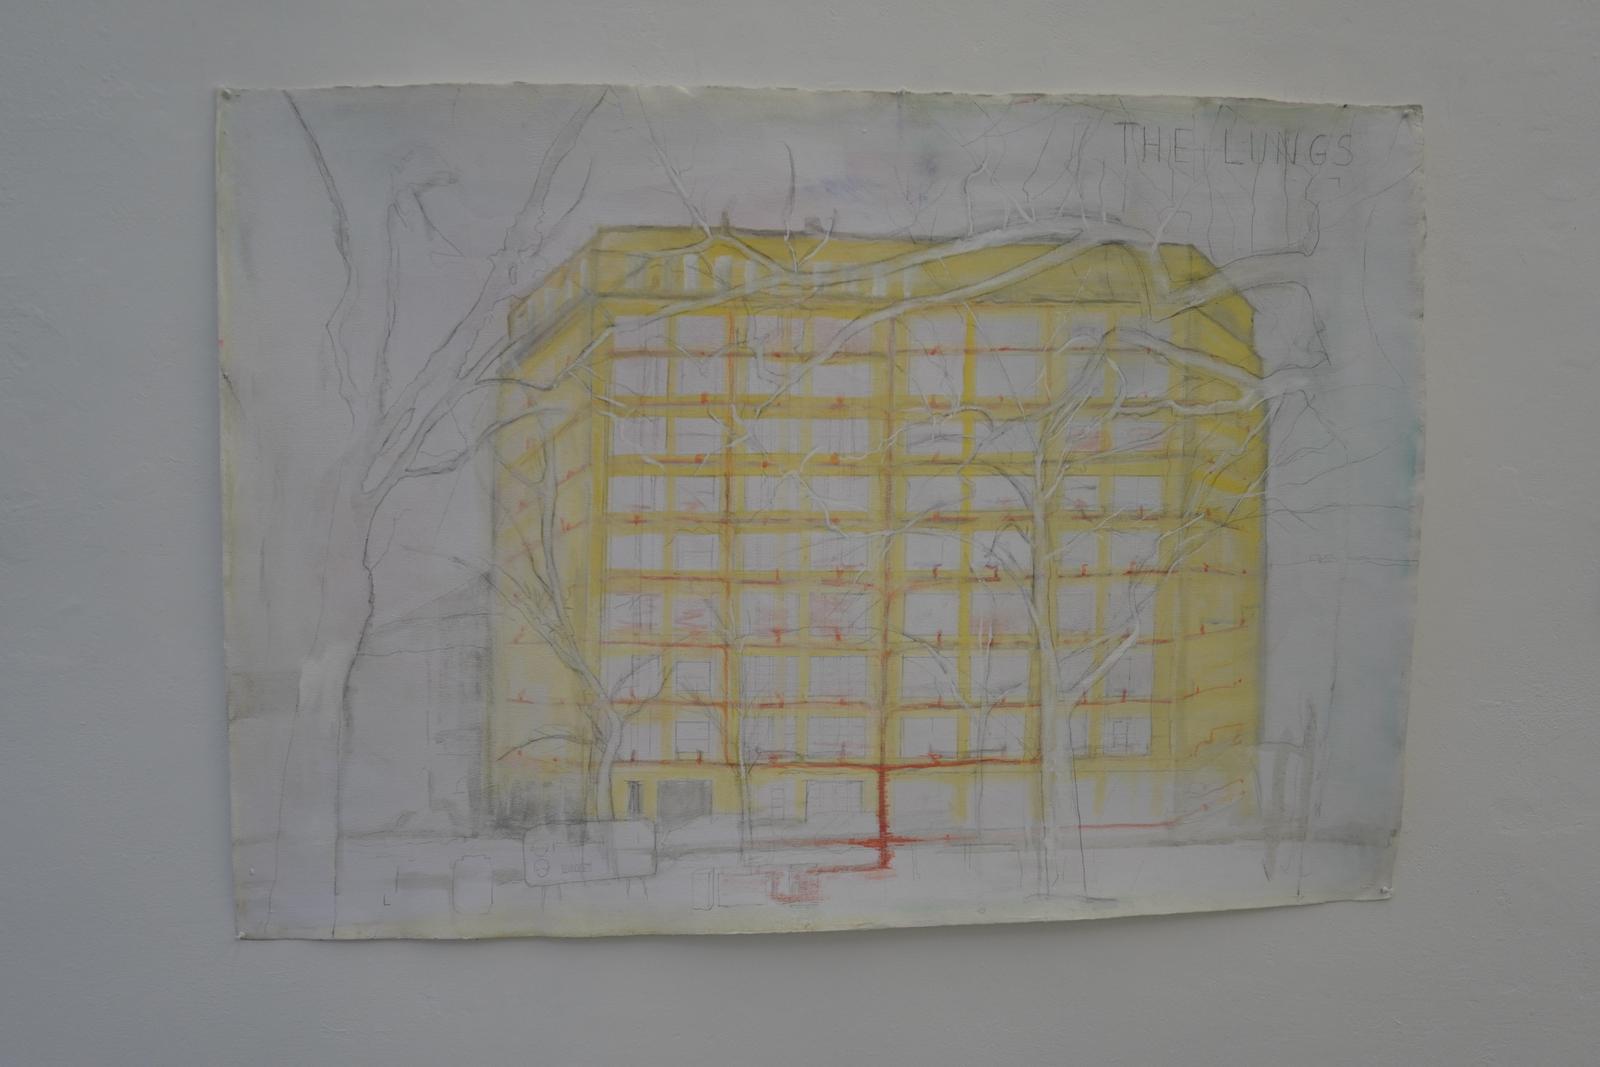 Voebe de Gruyter - galerie van Gelder